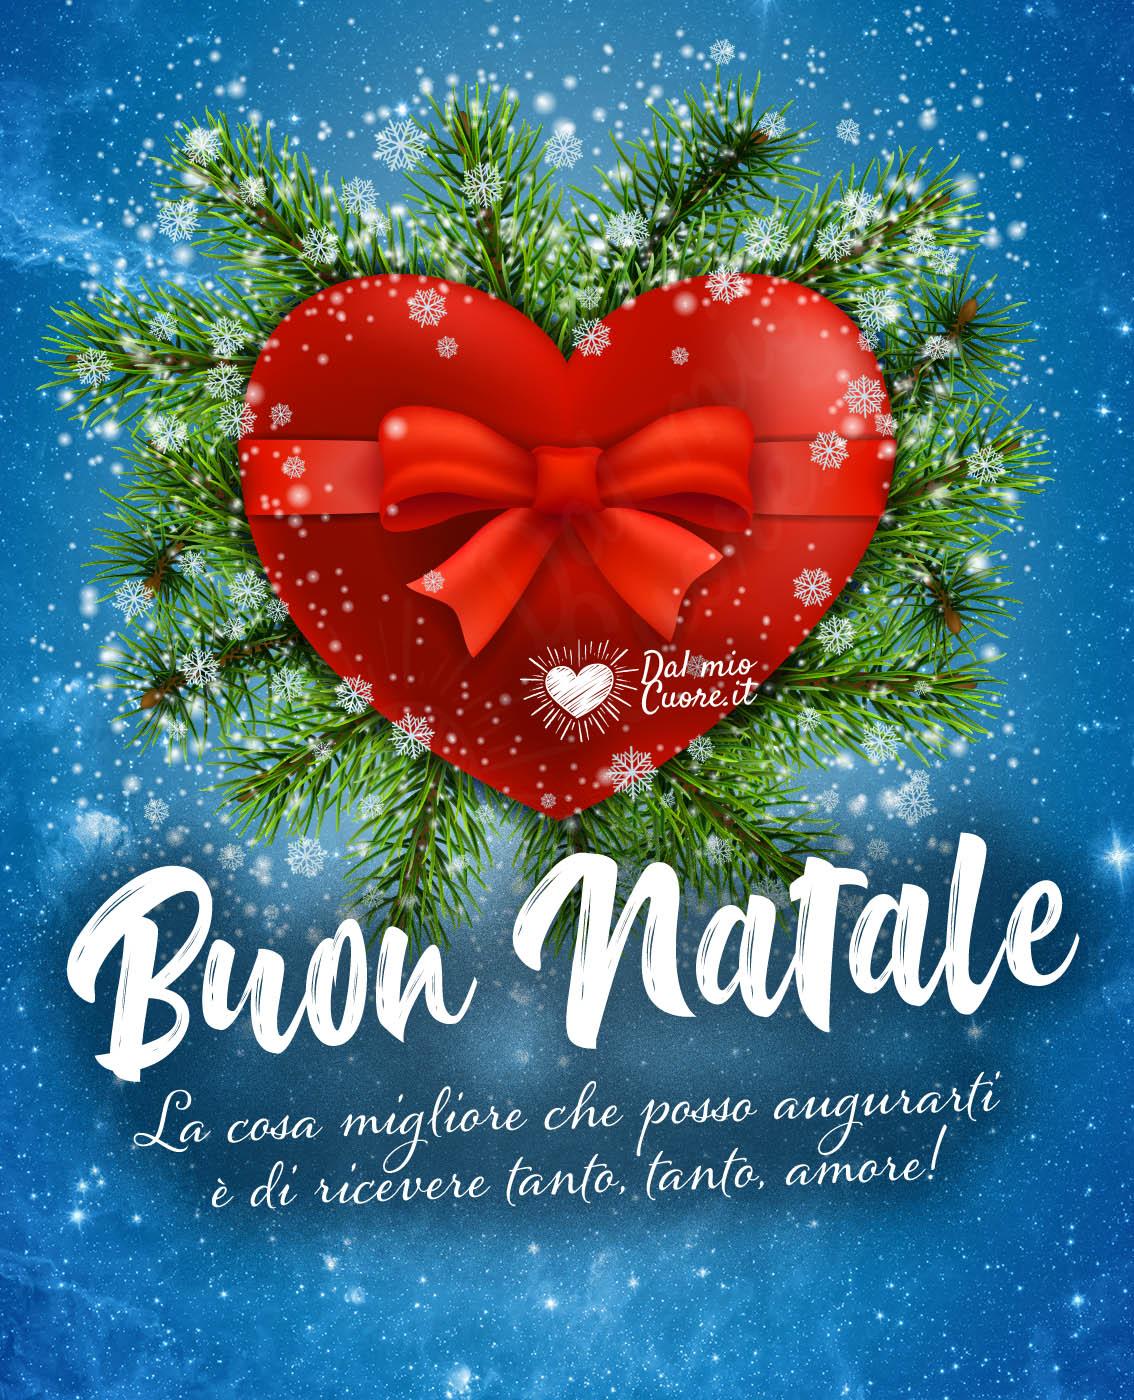 Frasi Di Buon Natale D Amore.Auguri Di Buon Natale Immagini Video E Gif Per Facebook E Whatsapp